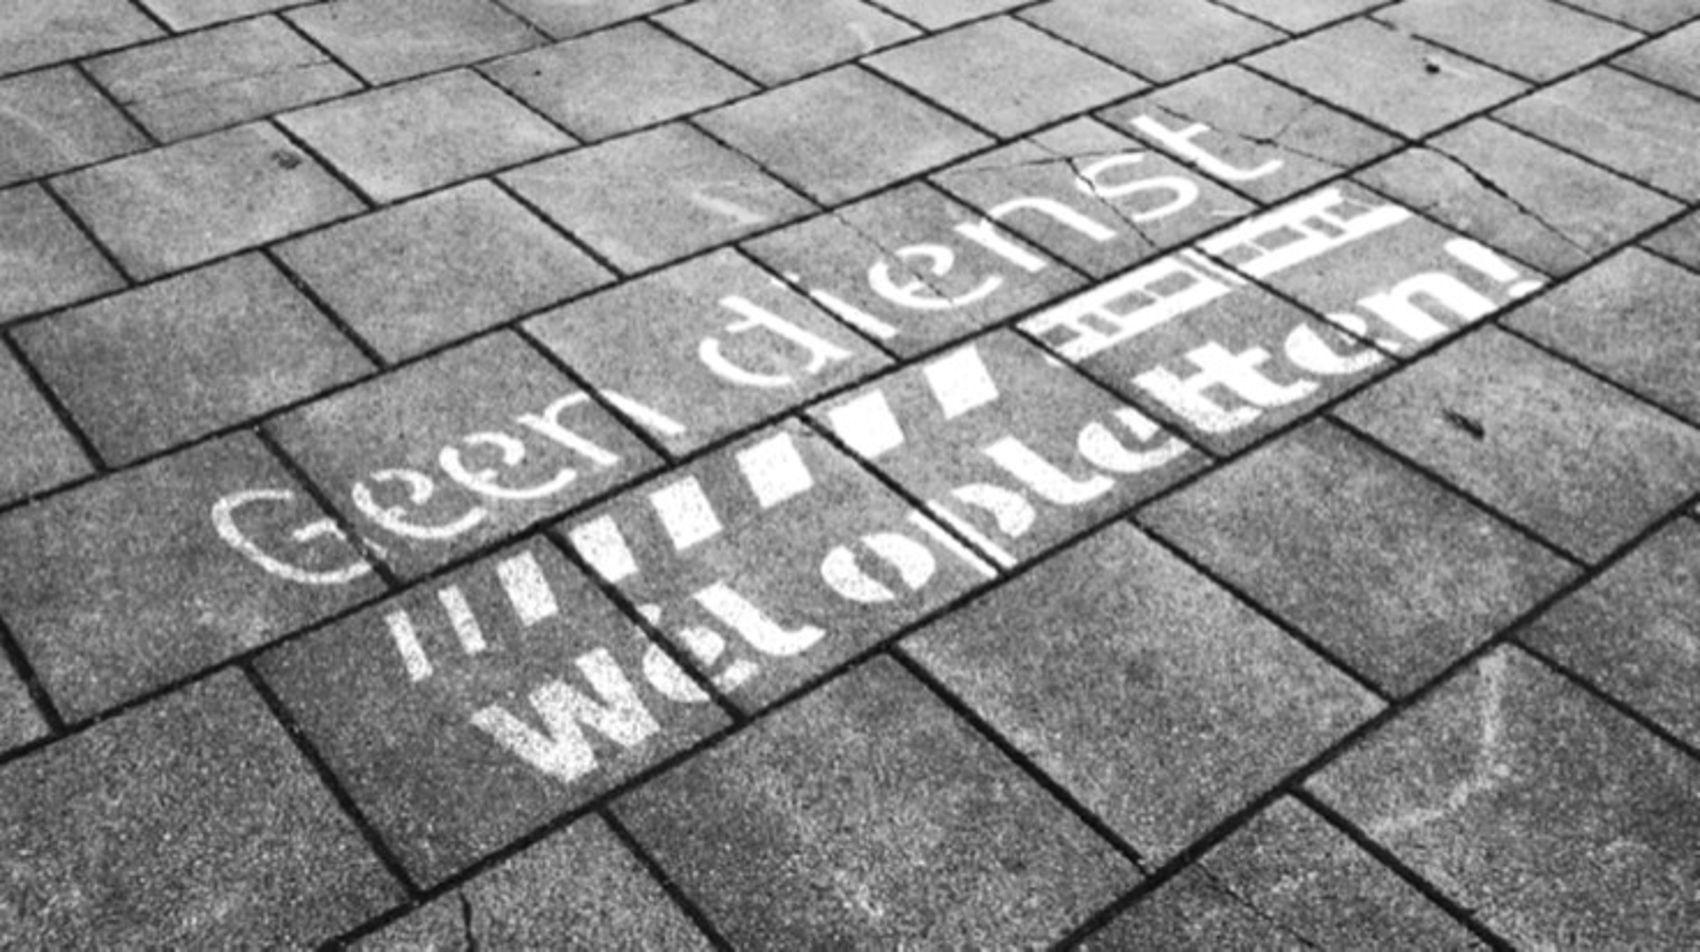 'Green graffiti' als onderdeel van de veiligheidscampagne om voetgangers bij de tramoversteken in Amstelveen-Zuid te laten weten dat er testtrams rijden. Geen dienst. Wel opletten!